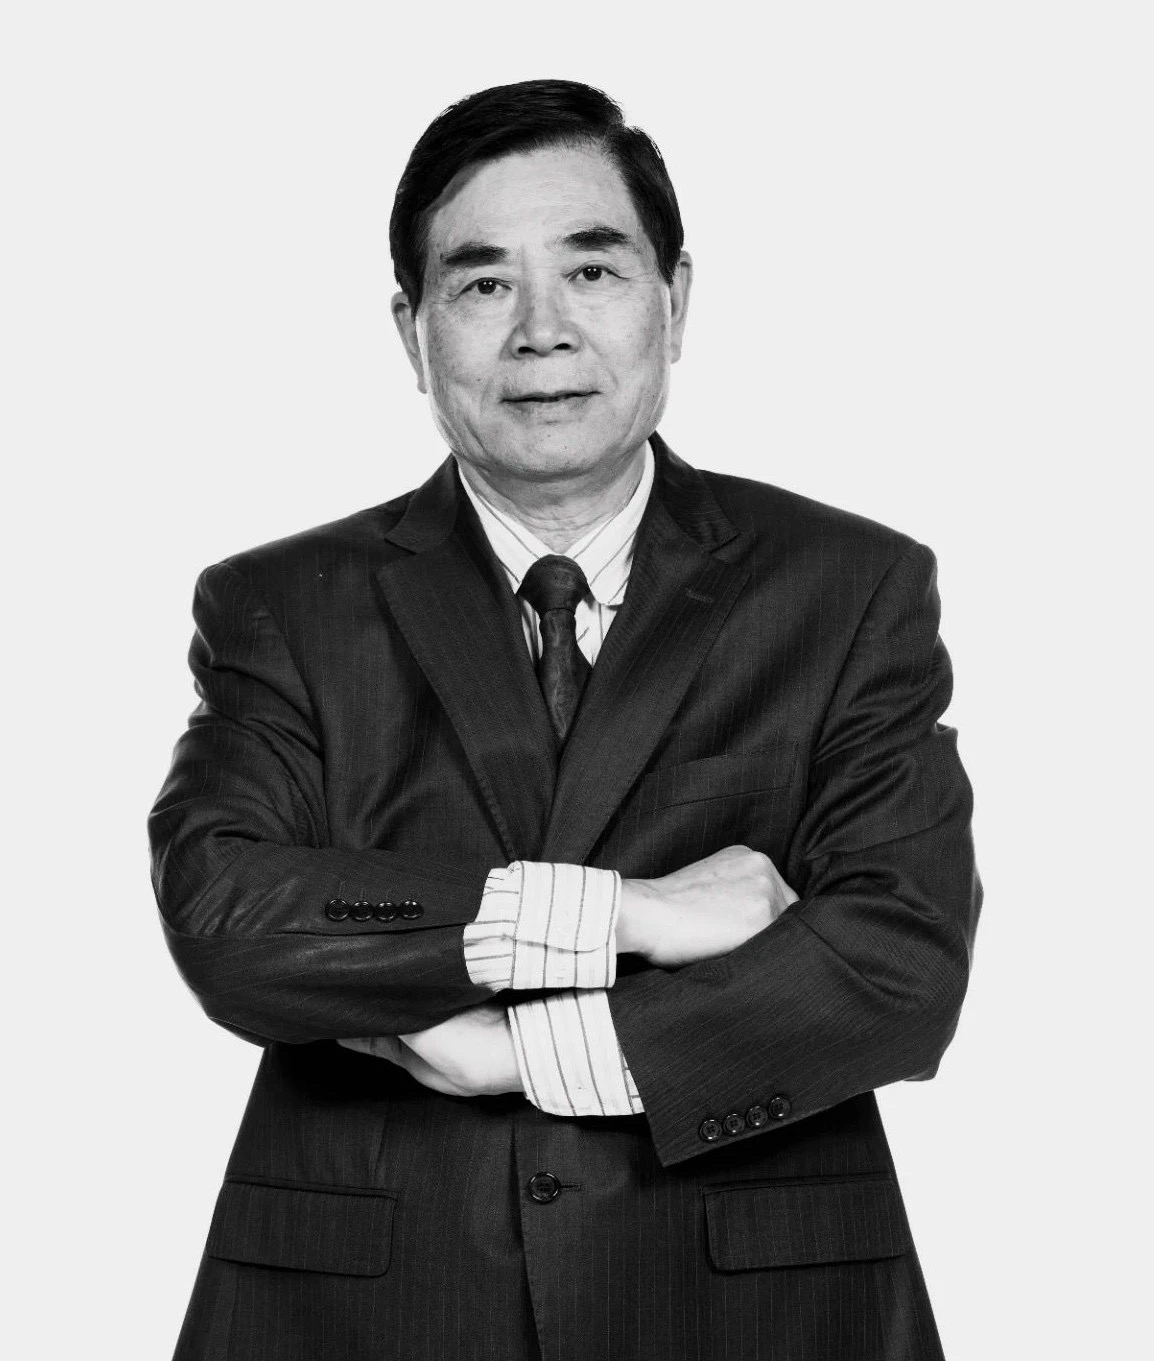 中国篮球功勋教练马连保逝世 曾培养阿的江、刘玉栋图片